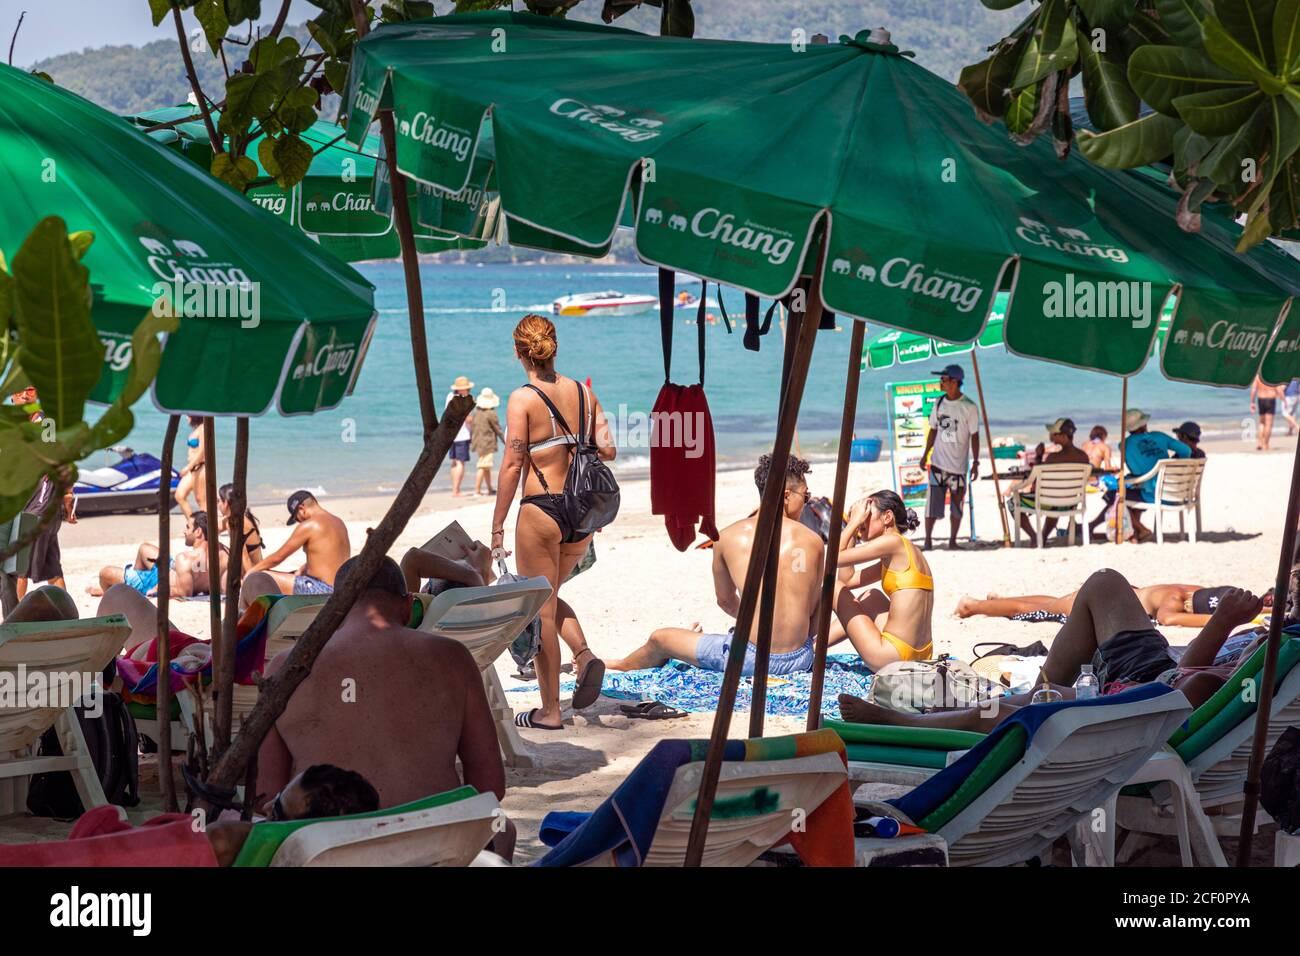 Tourist im Schatten unter Sonnenschirmen, Patong, Phuket, Thailand Stockfoto